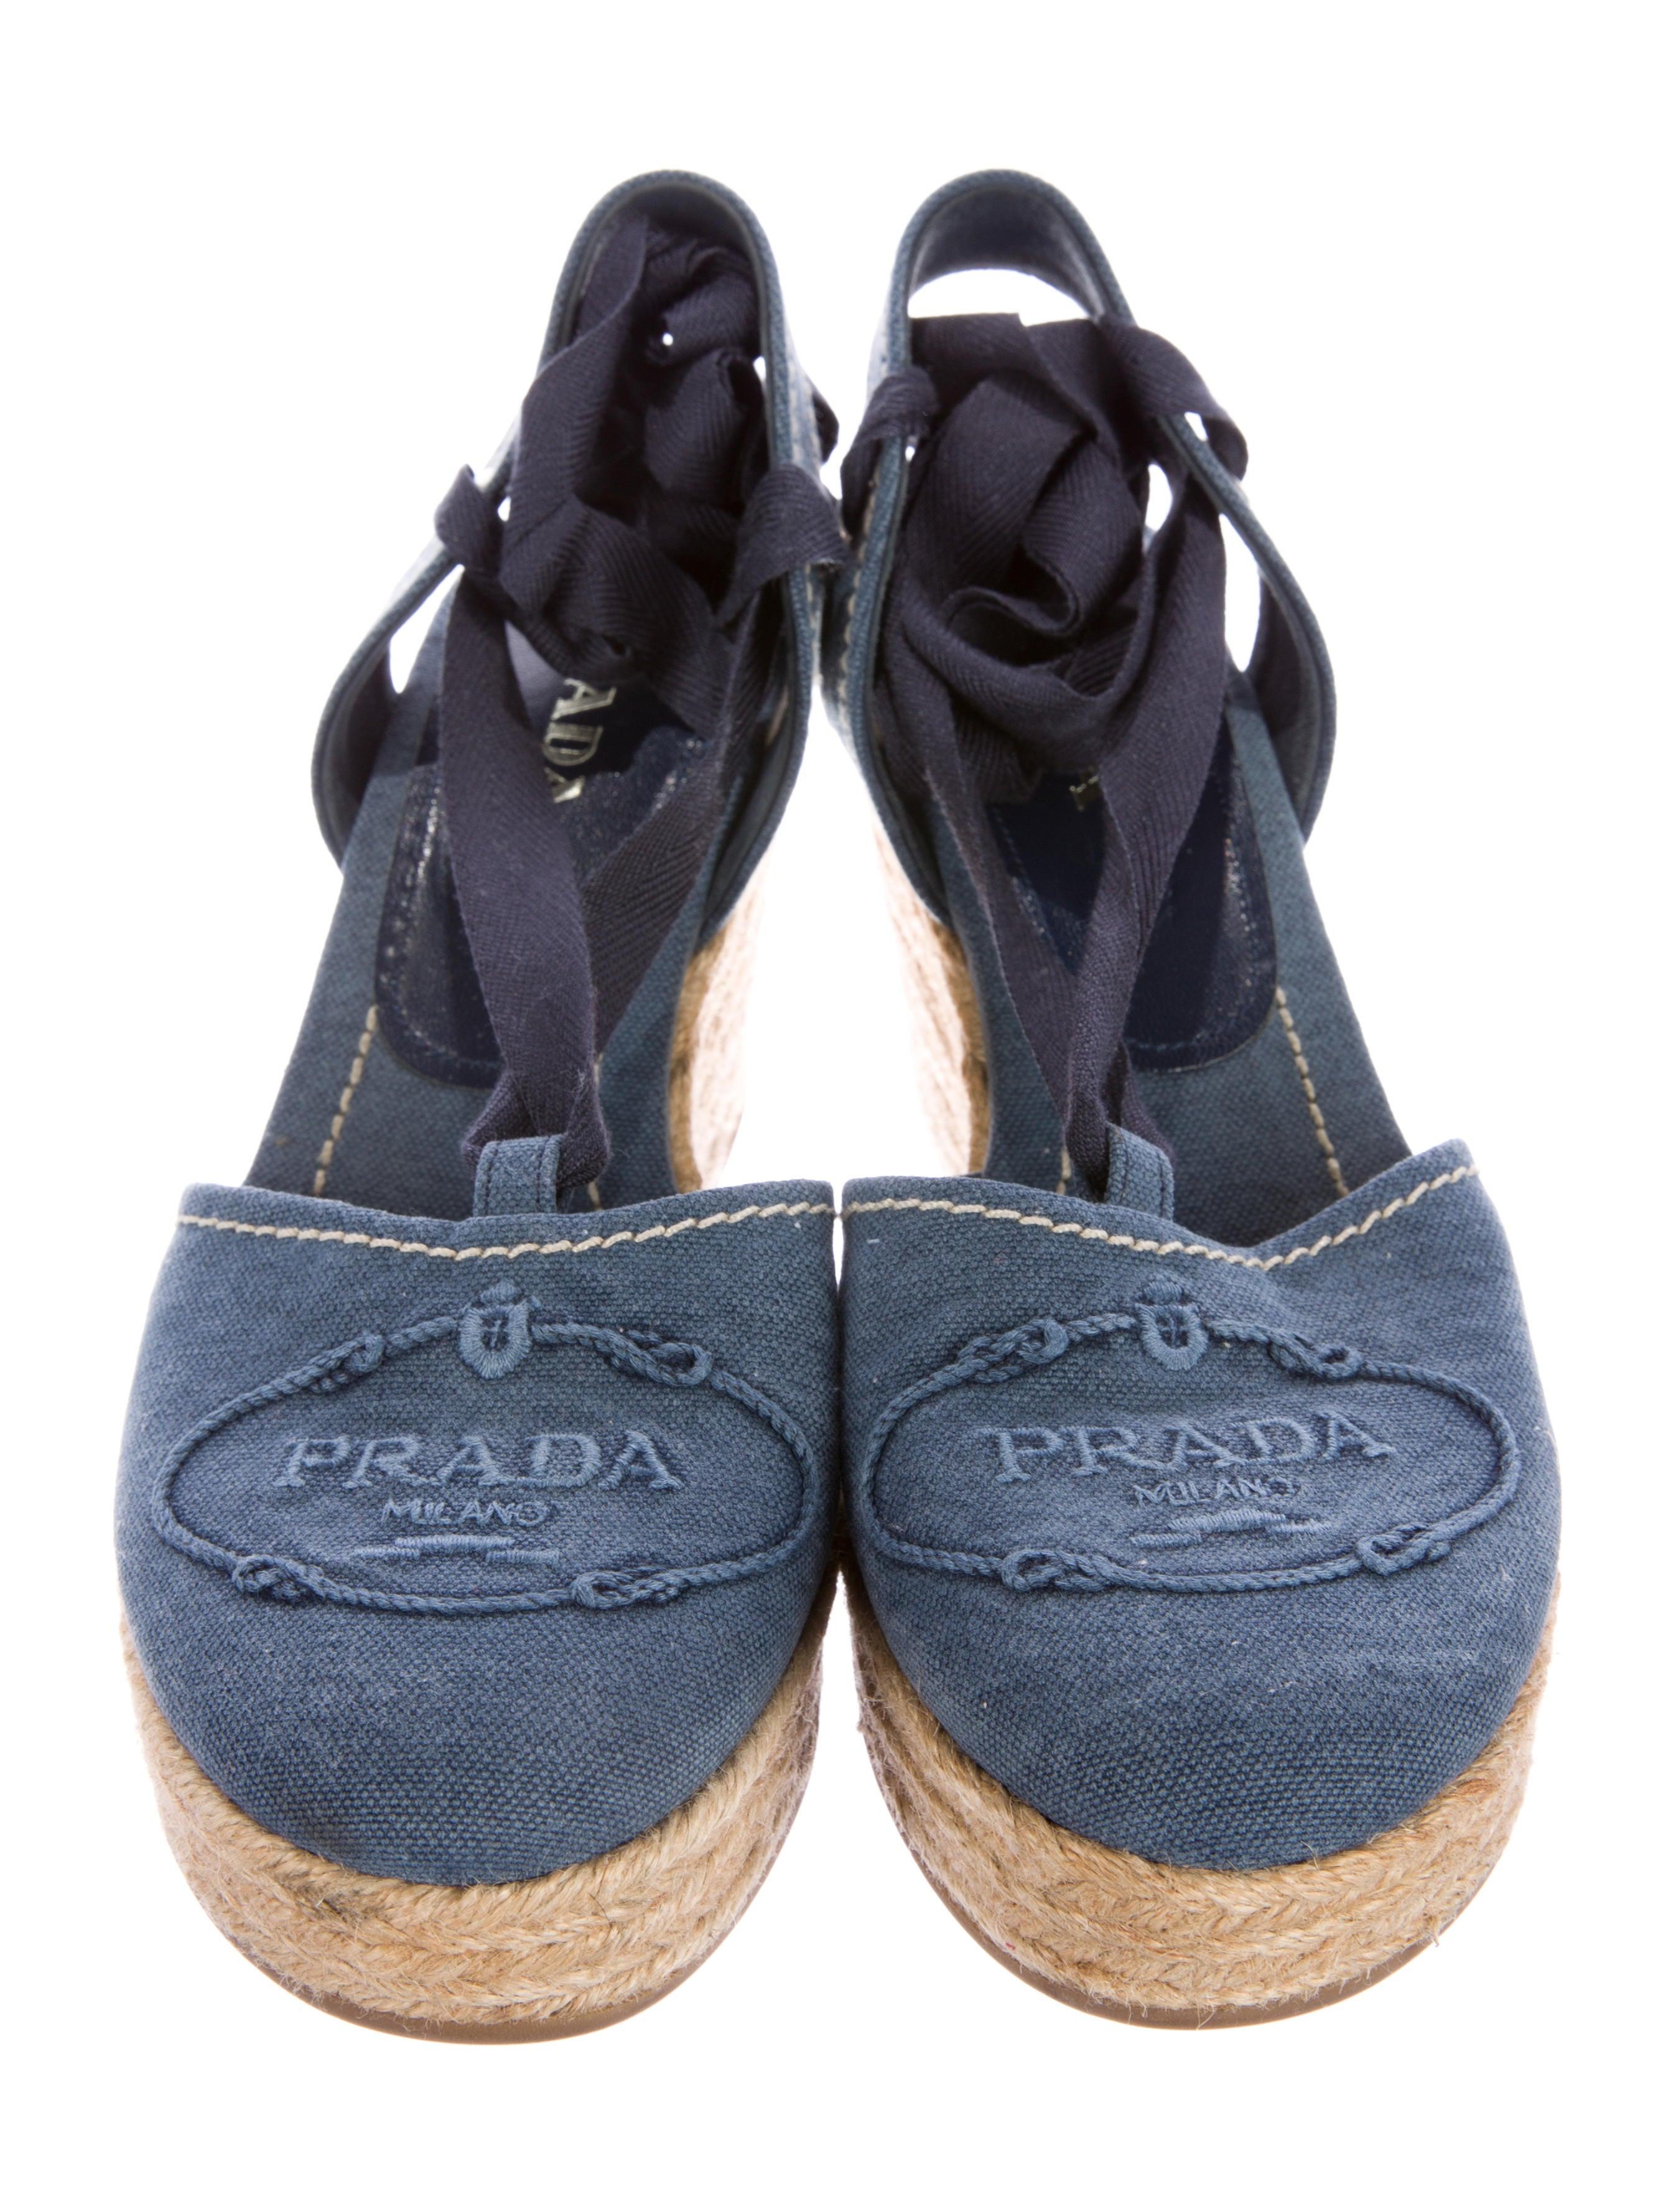 Prada Denim Espadrille Sandals - Shoes